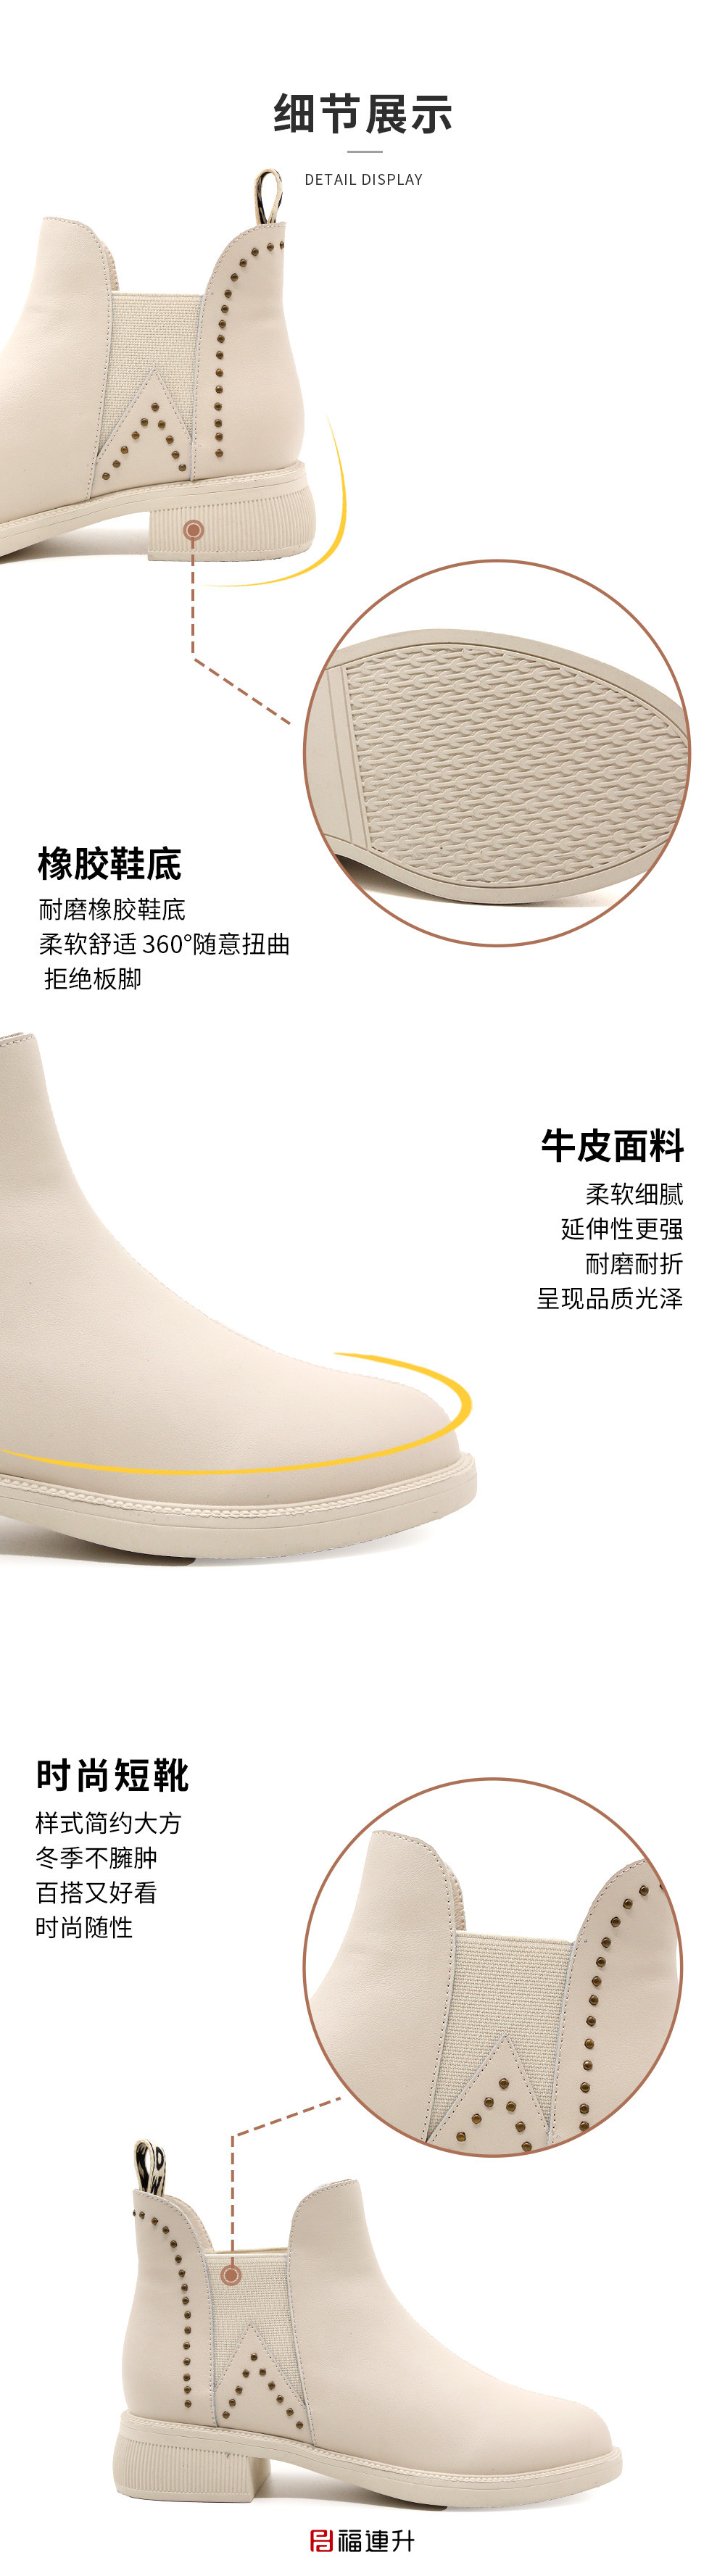 福连升2020冬季新款女牛皮真皮英伦风网红一脚蹬及踝靴图片